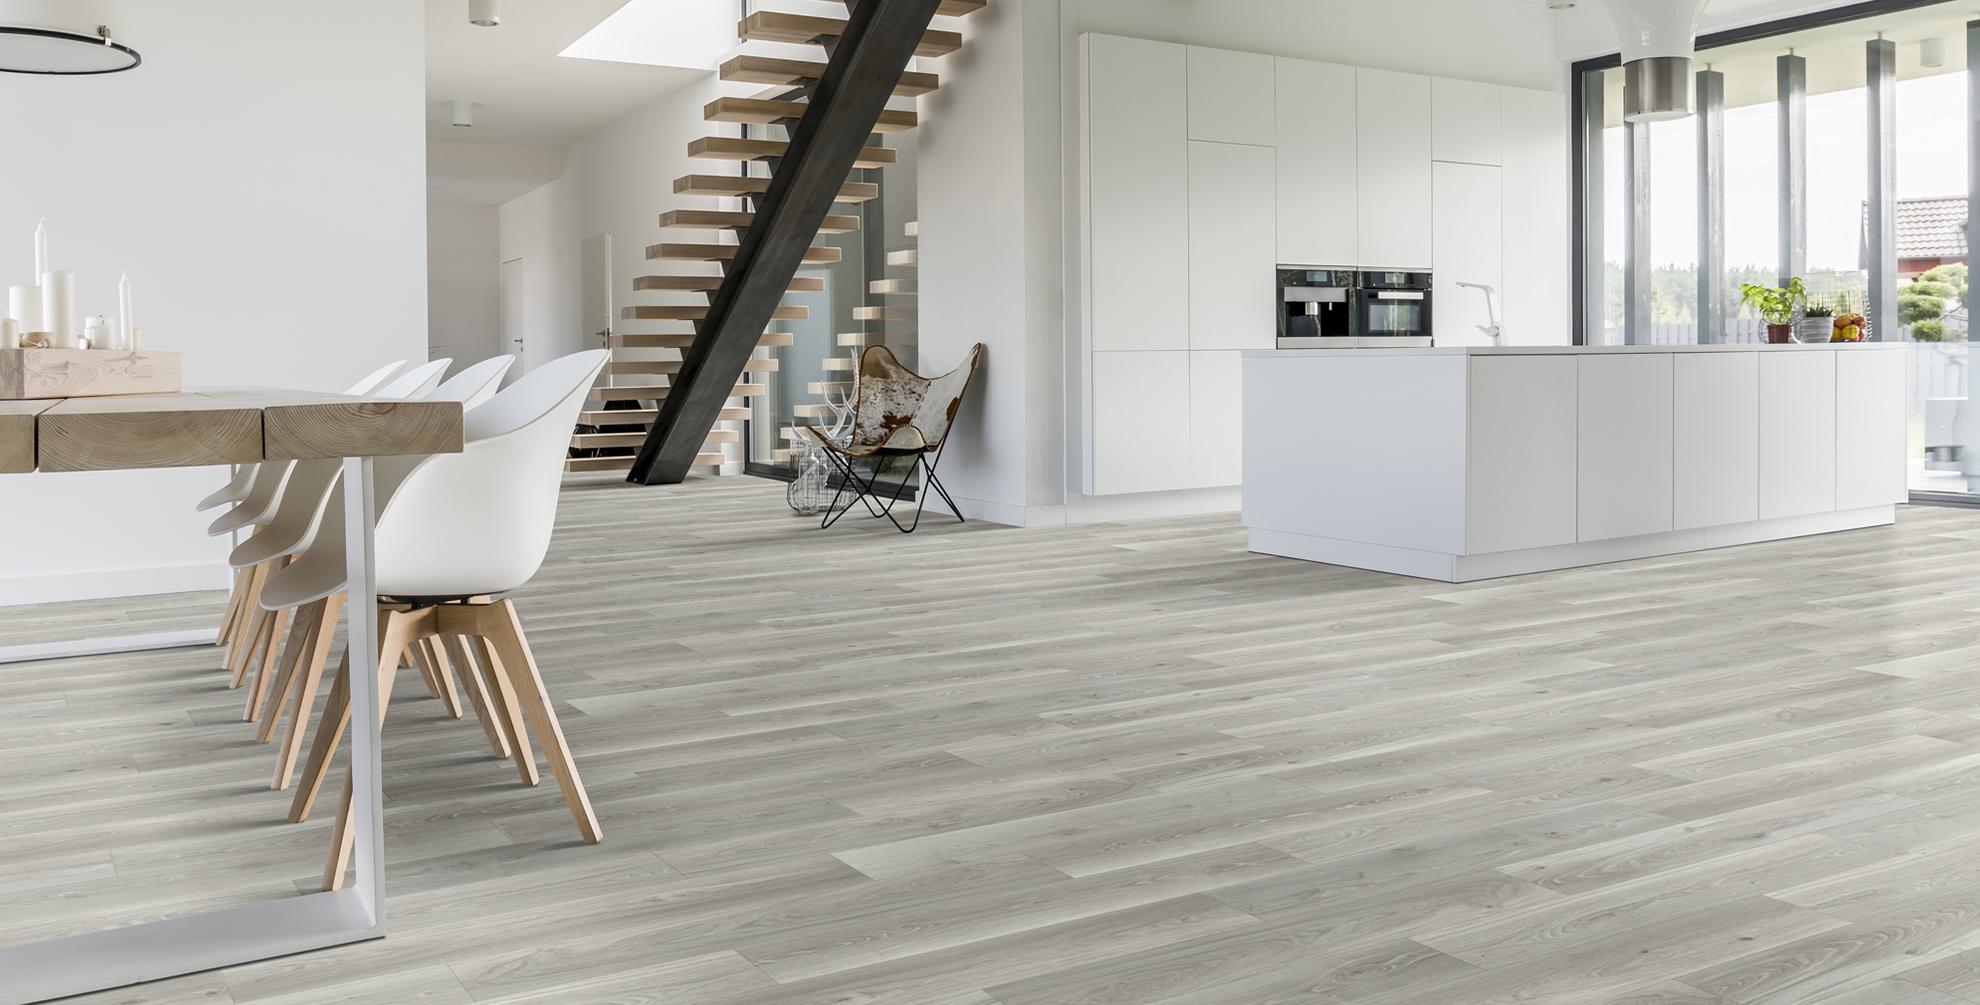 keuken vraagt om <b>praktische vloer</b>